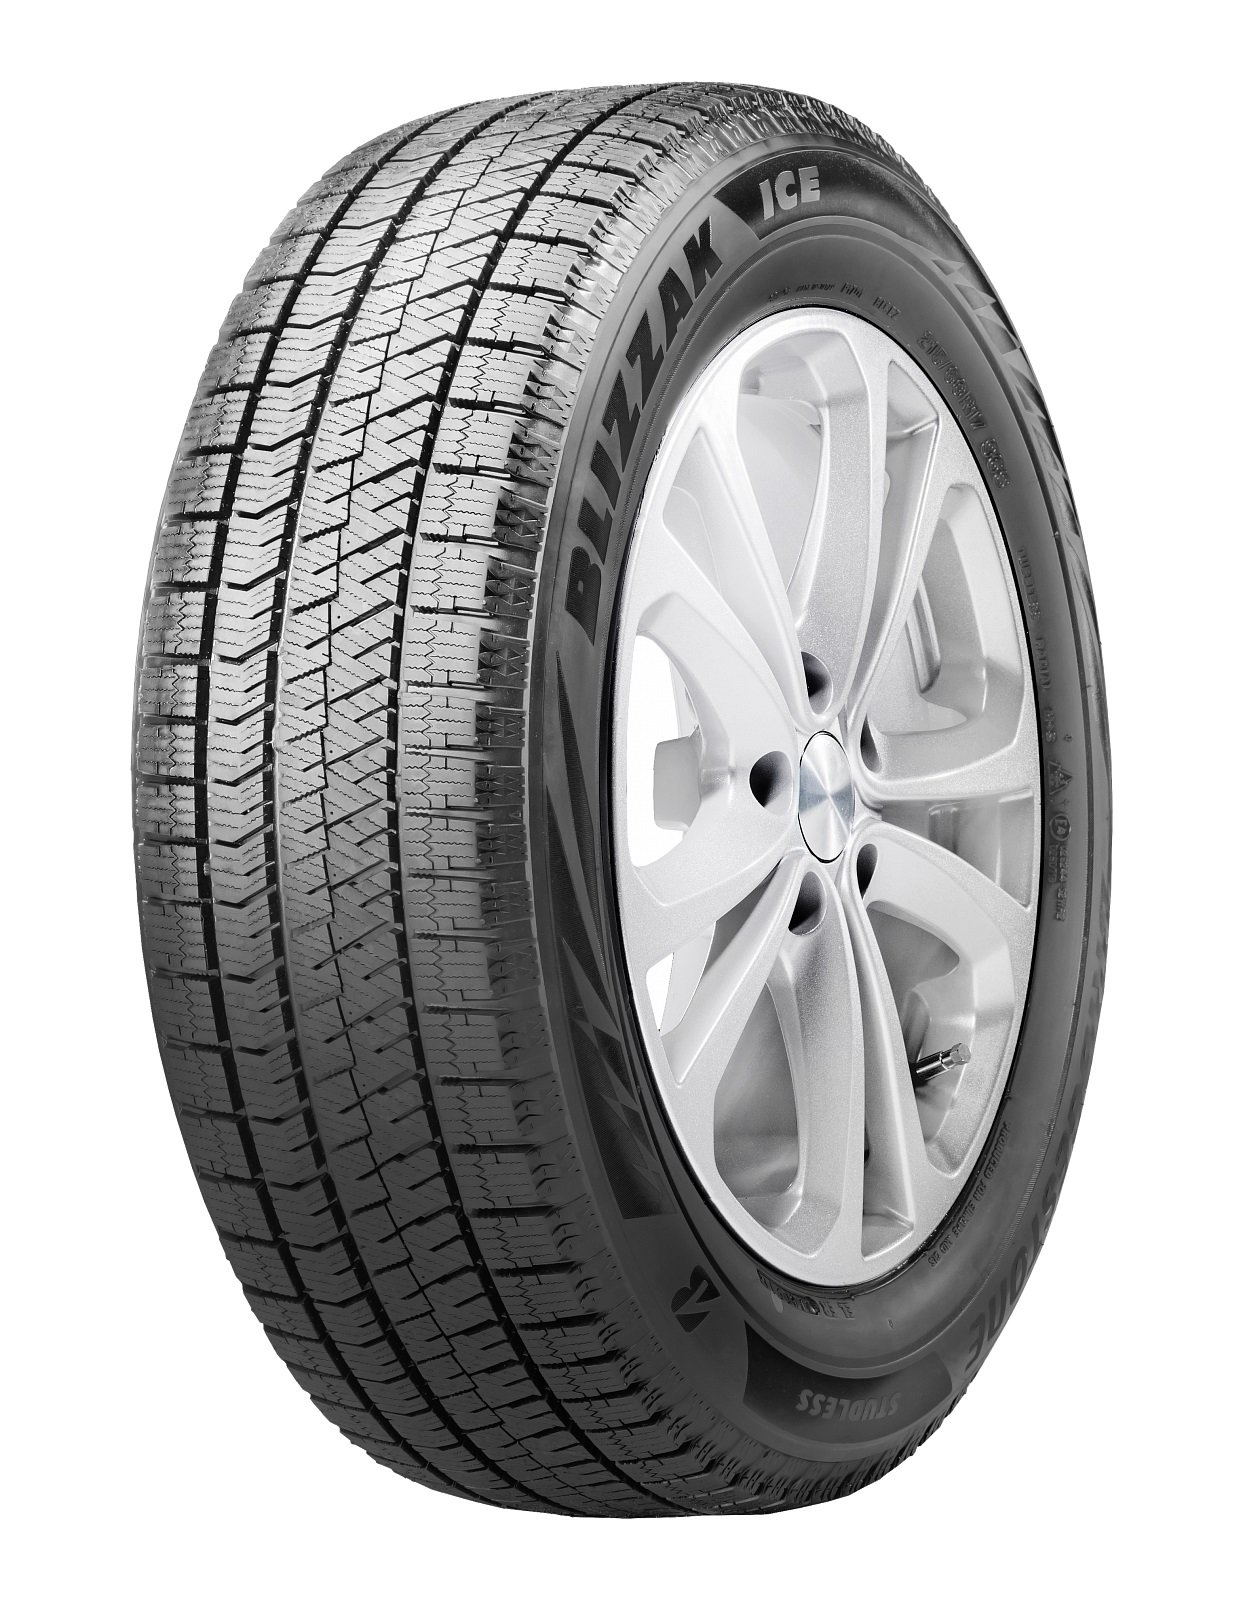 Автошина R15 185/65 Bridgestone Blizzak Ice 88S зима 13222